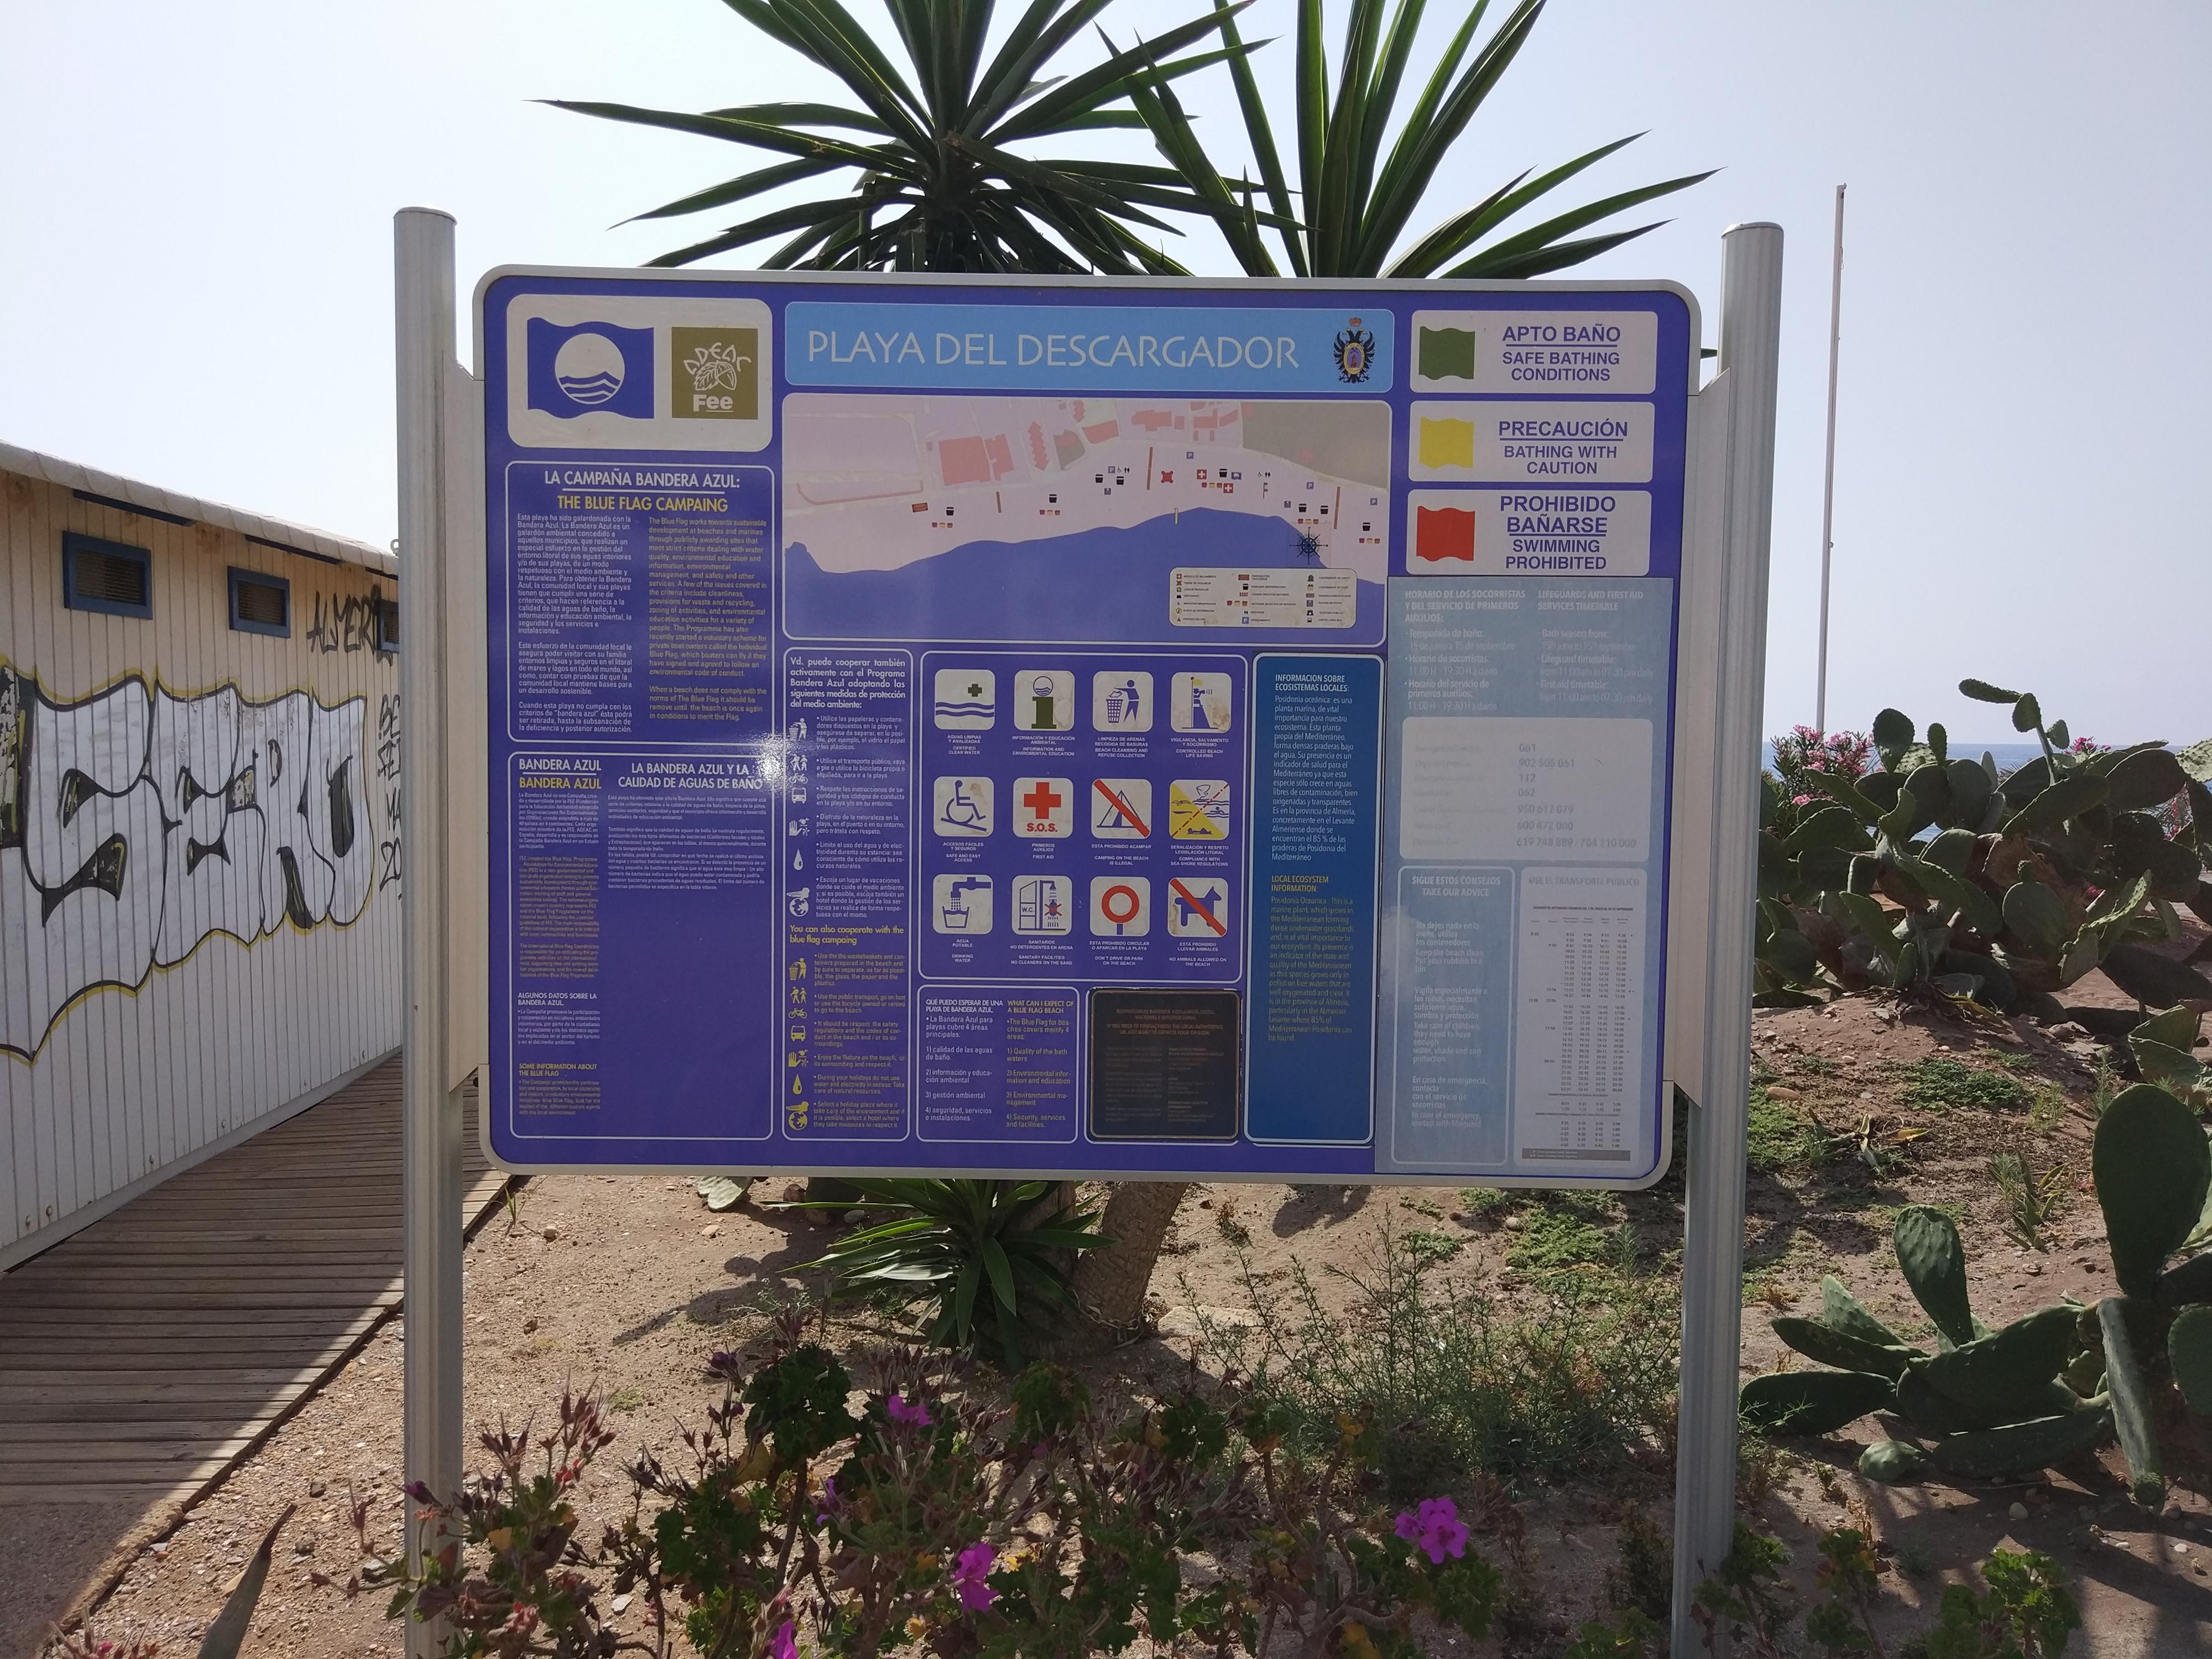 Spain - Andalucia -  Mojácar - Playa del Descargador